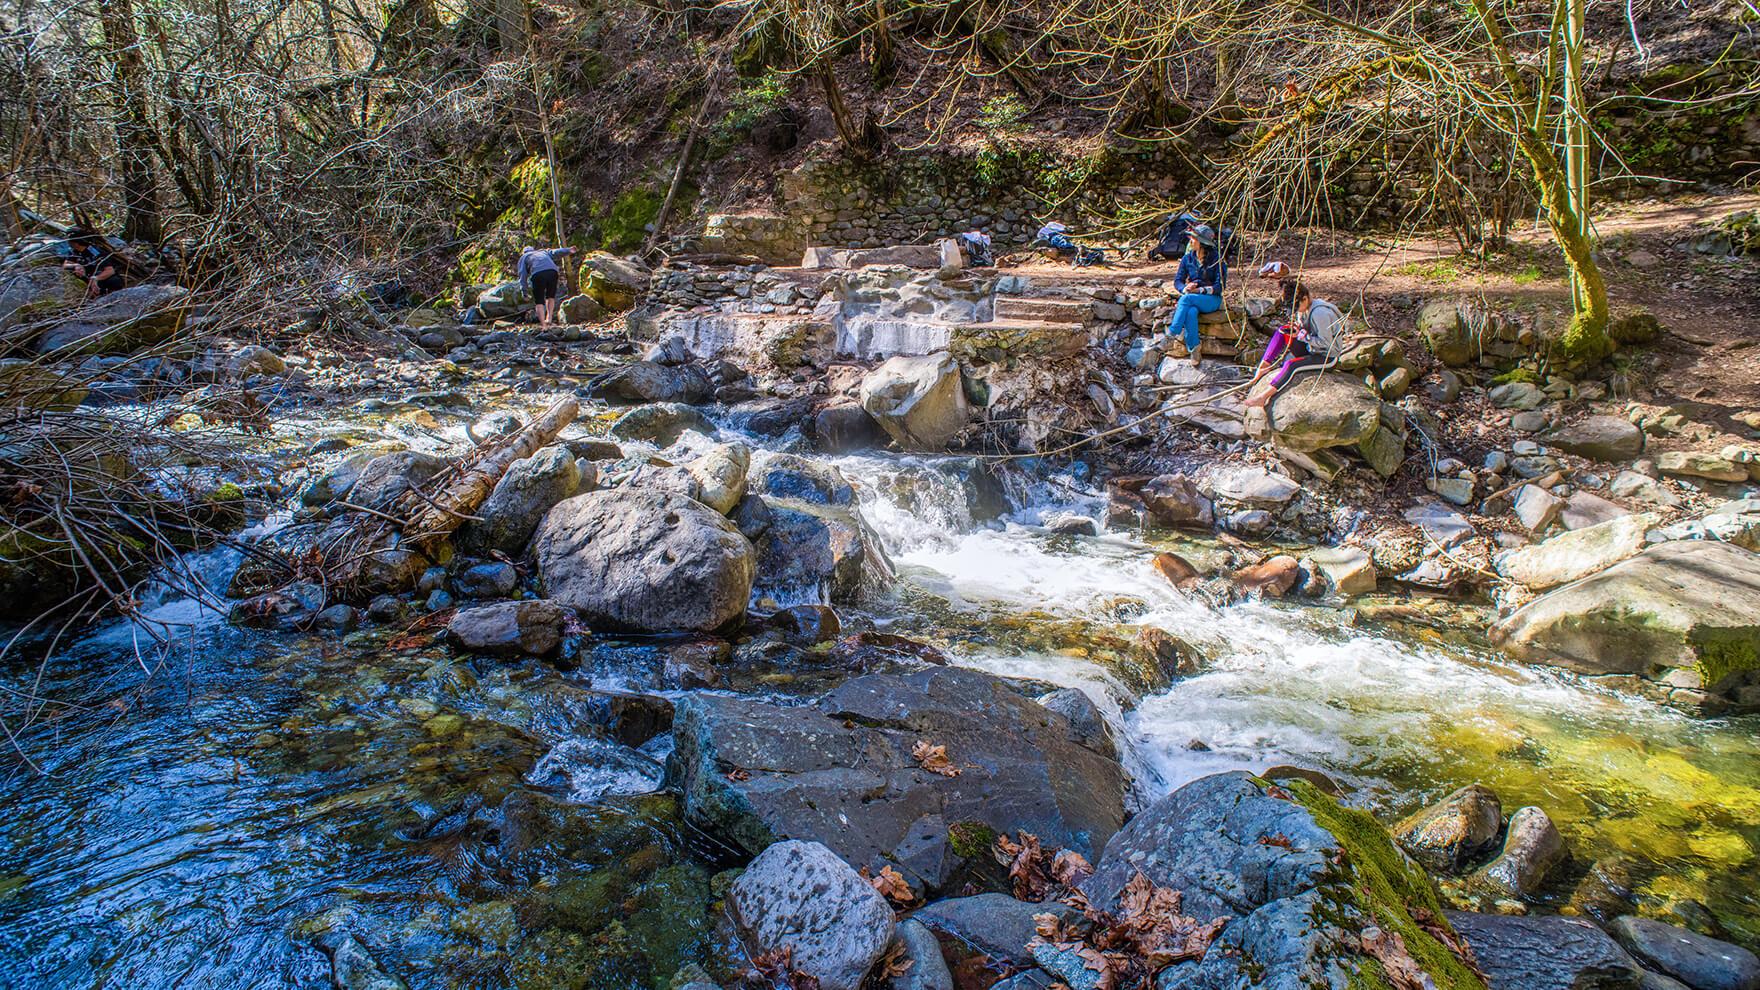 歩かずに死ねるか!アメリカ国立公園への旅(22)Mt. シャスタの宝石 ~Ney Springs and Faery Falls編~